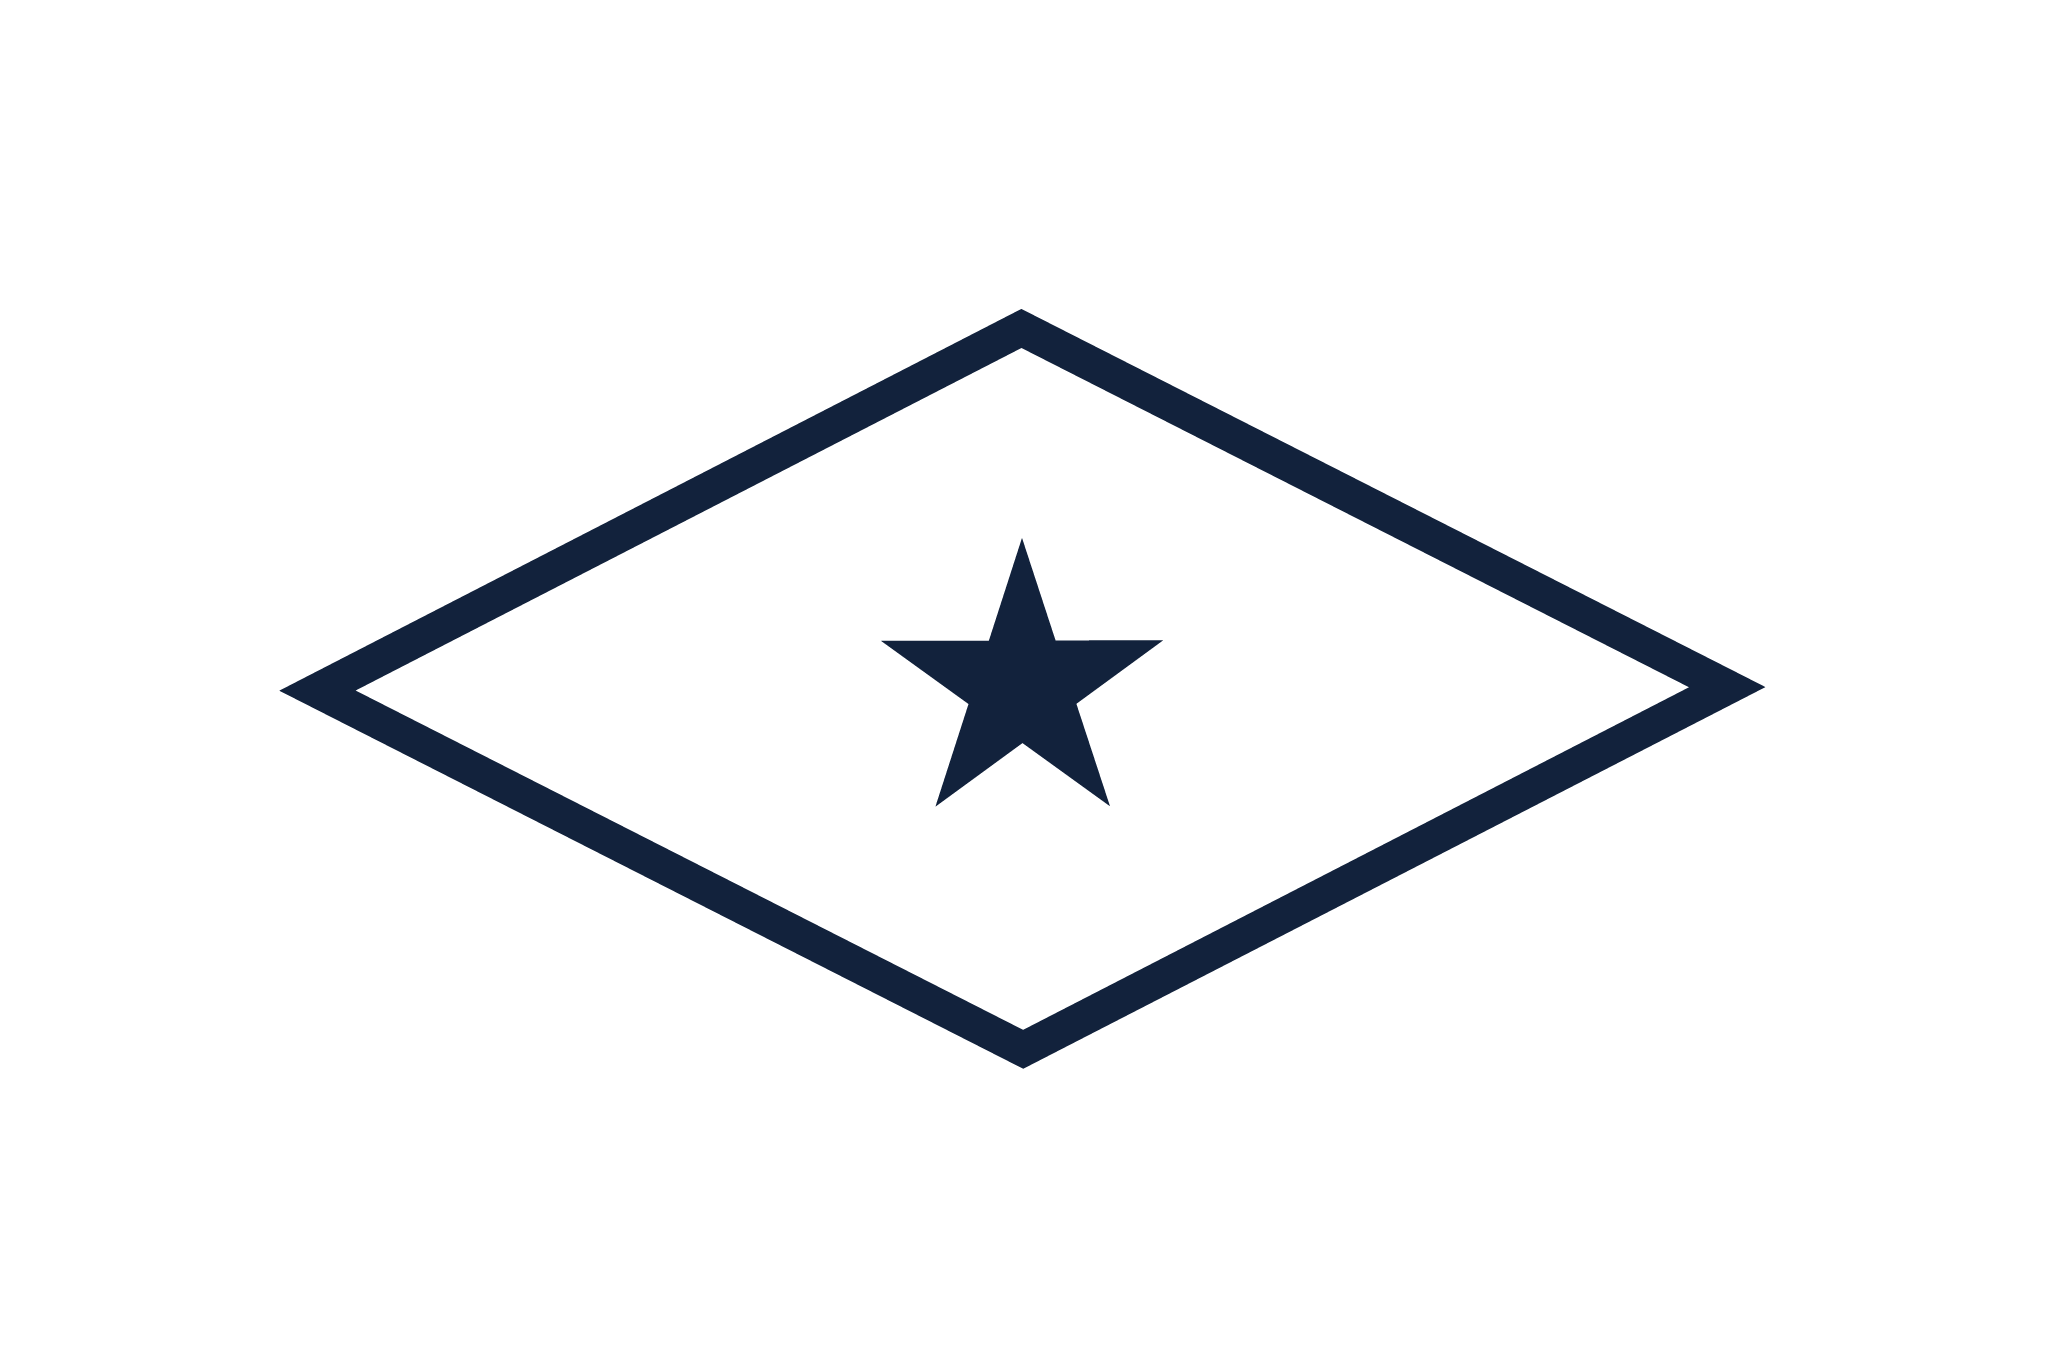 Diamond - Star